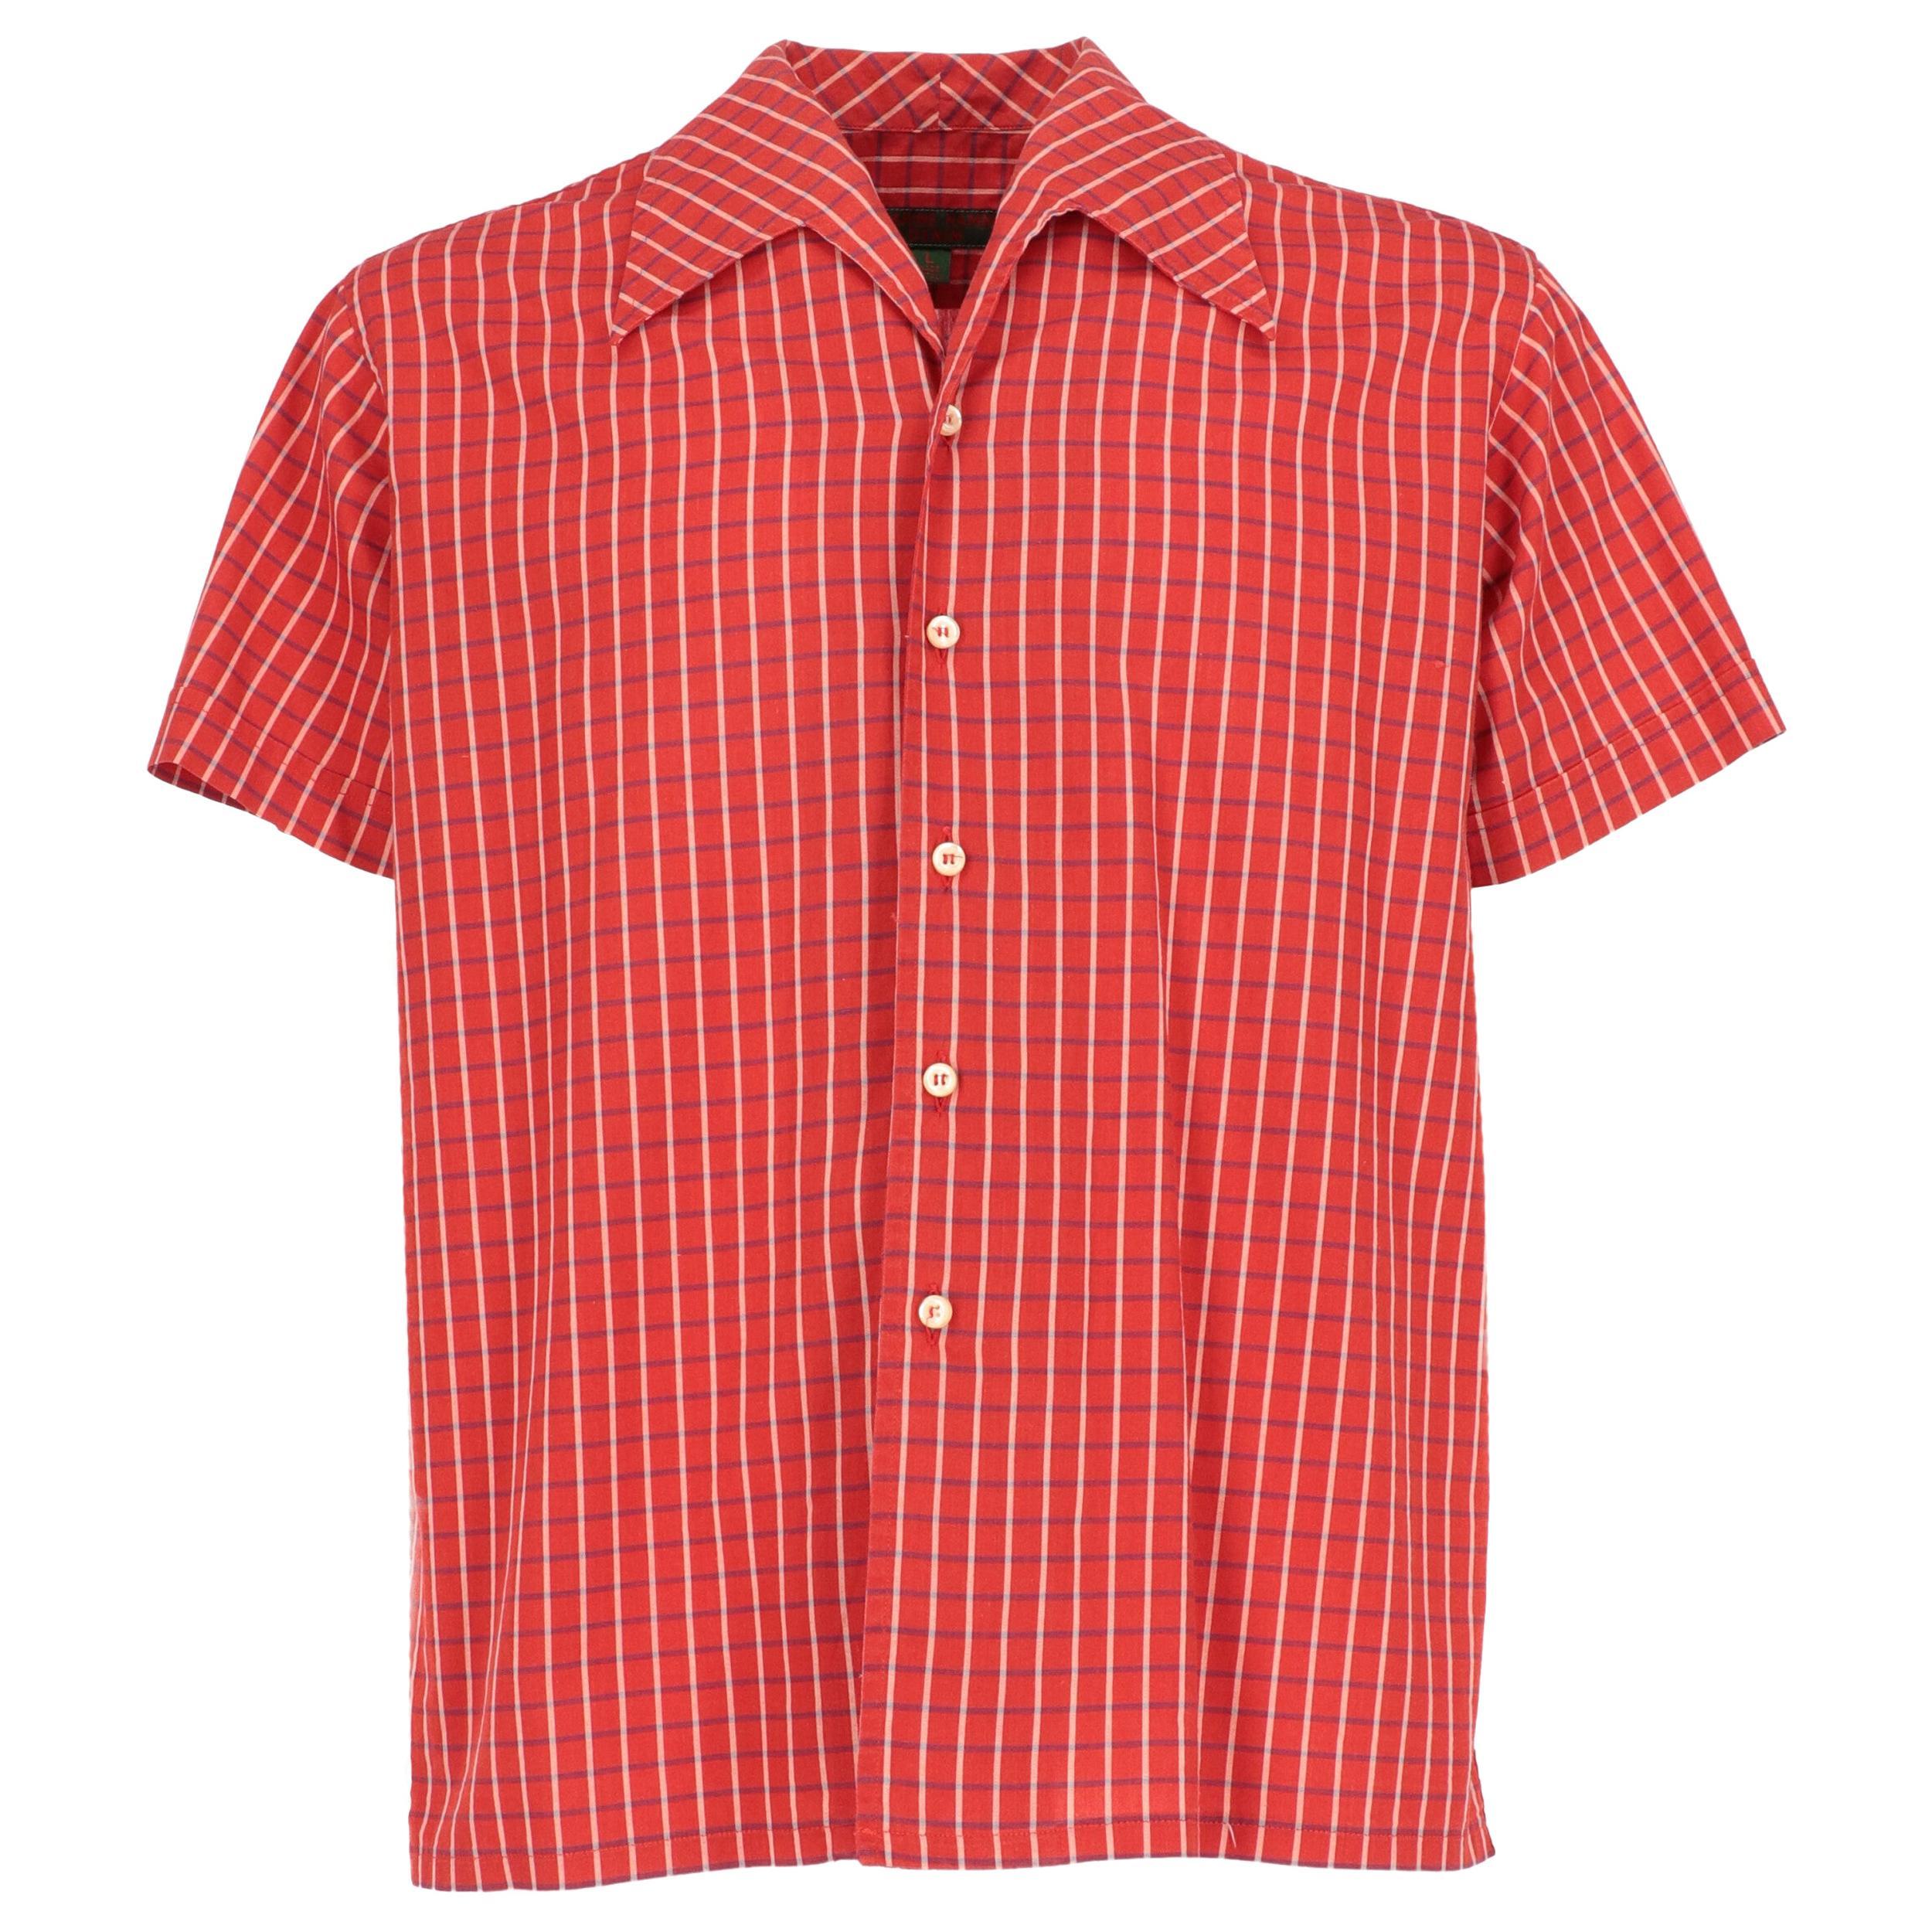 1990s Katharine Hamnett Checkered Shirt